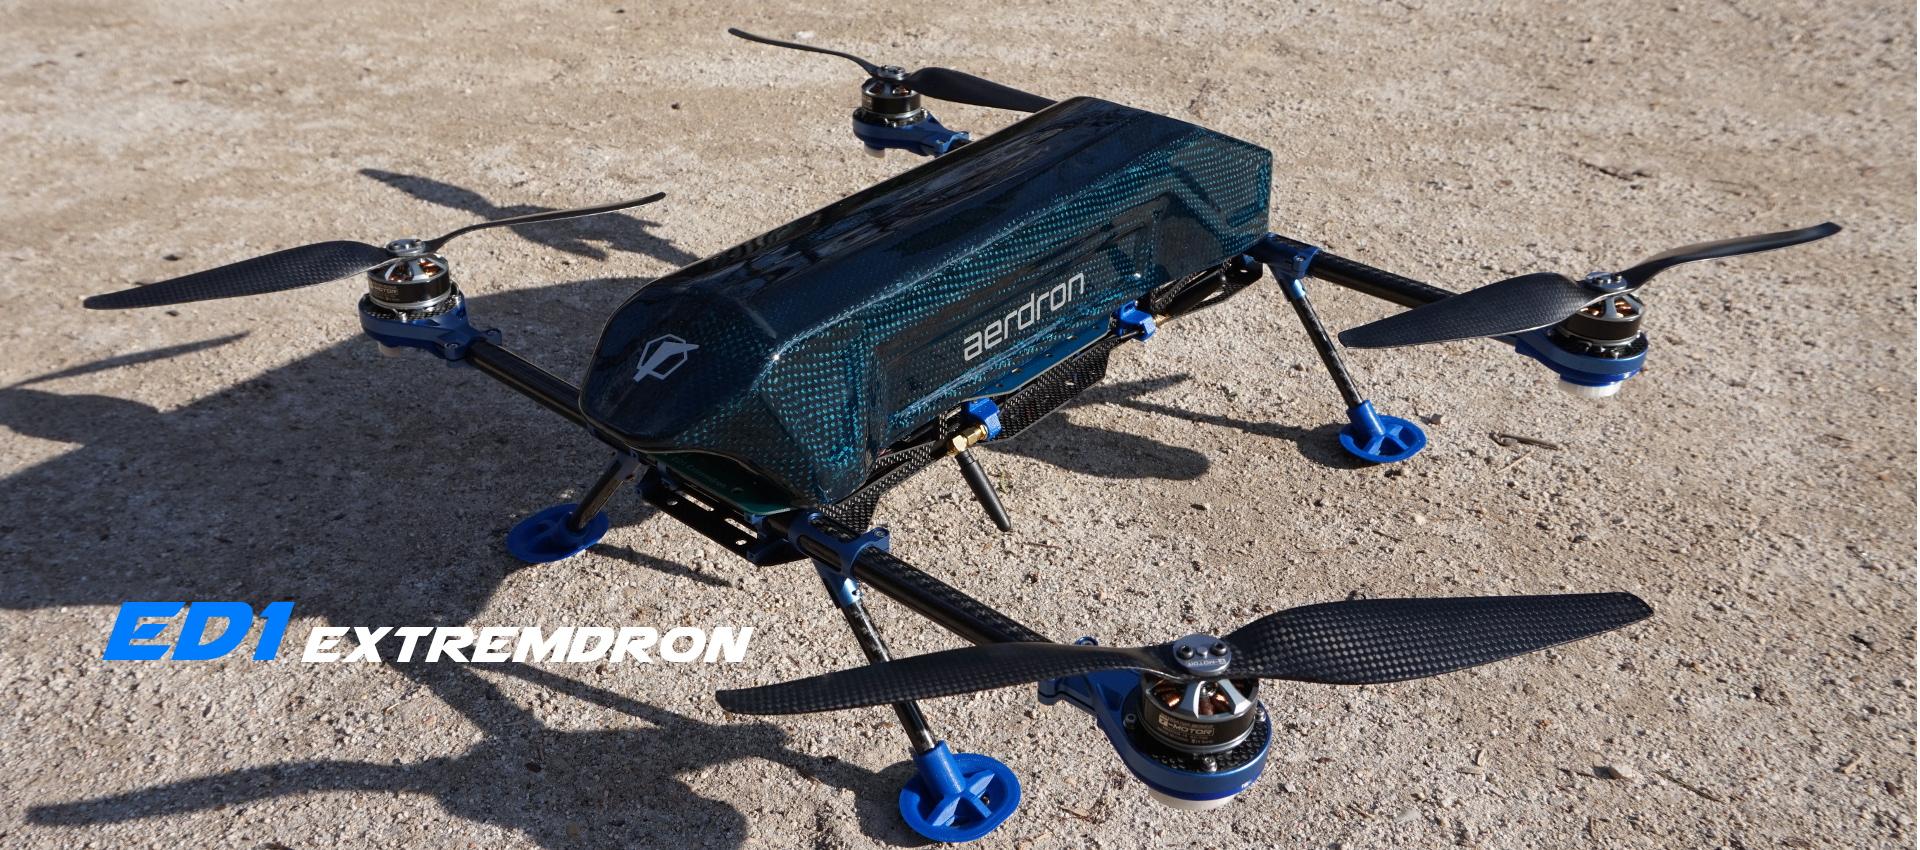 ED1-Extremdron AERDRON 3